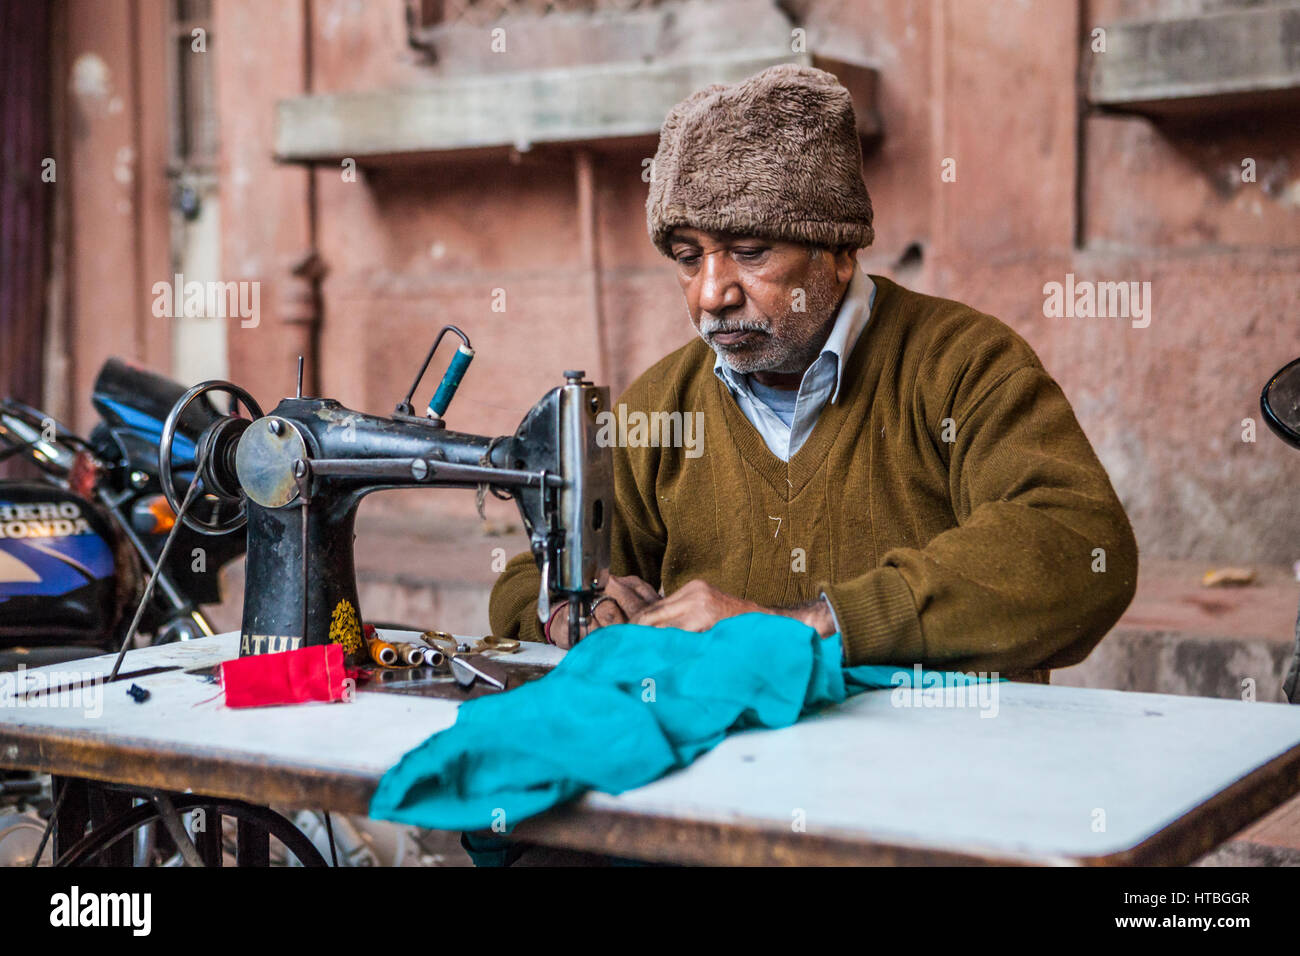 Ein Mann, der arbeitet an einer Nähmaschine auf Sadar Markt in Jodhpur, Rajasthan, Indien. Stockbild